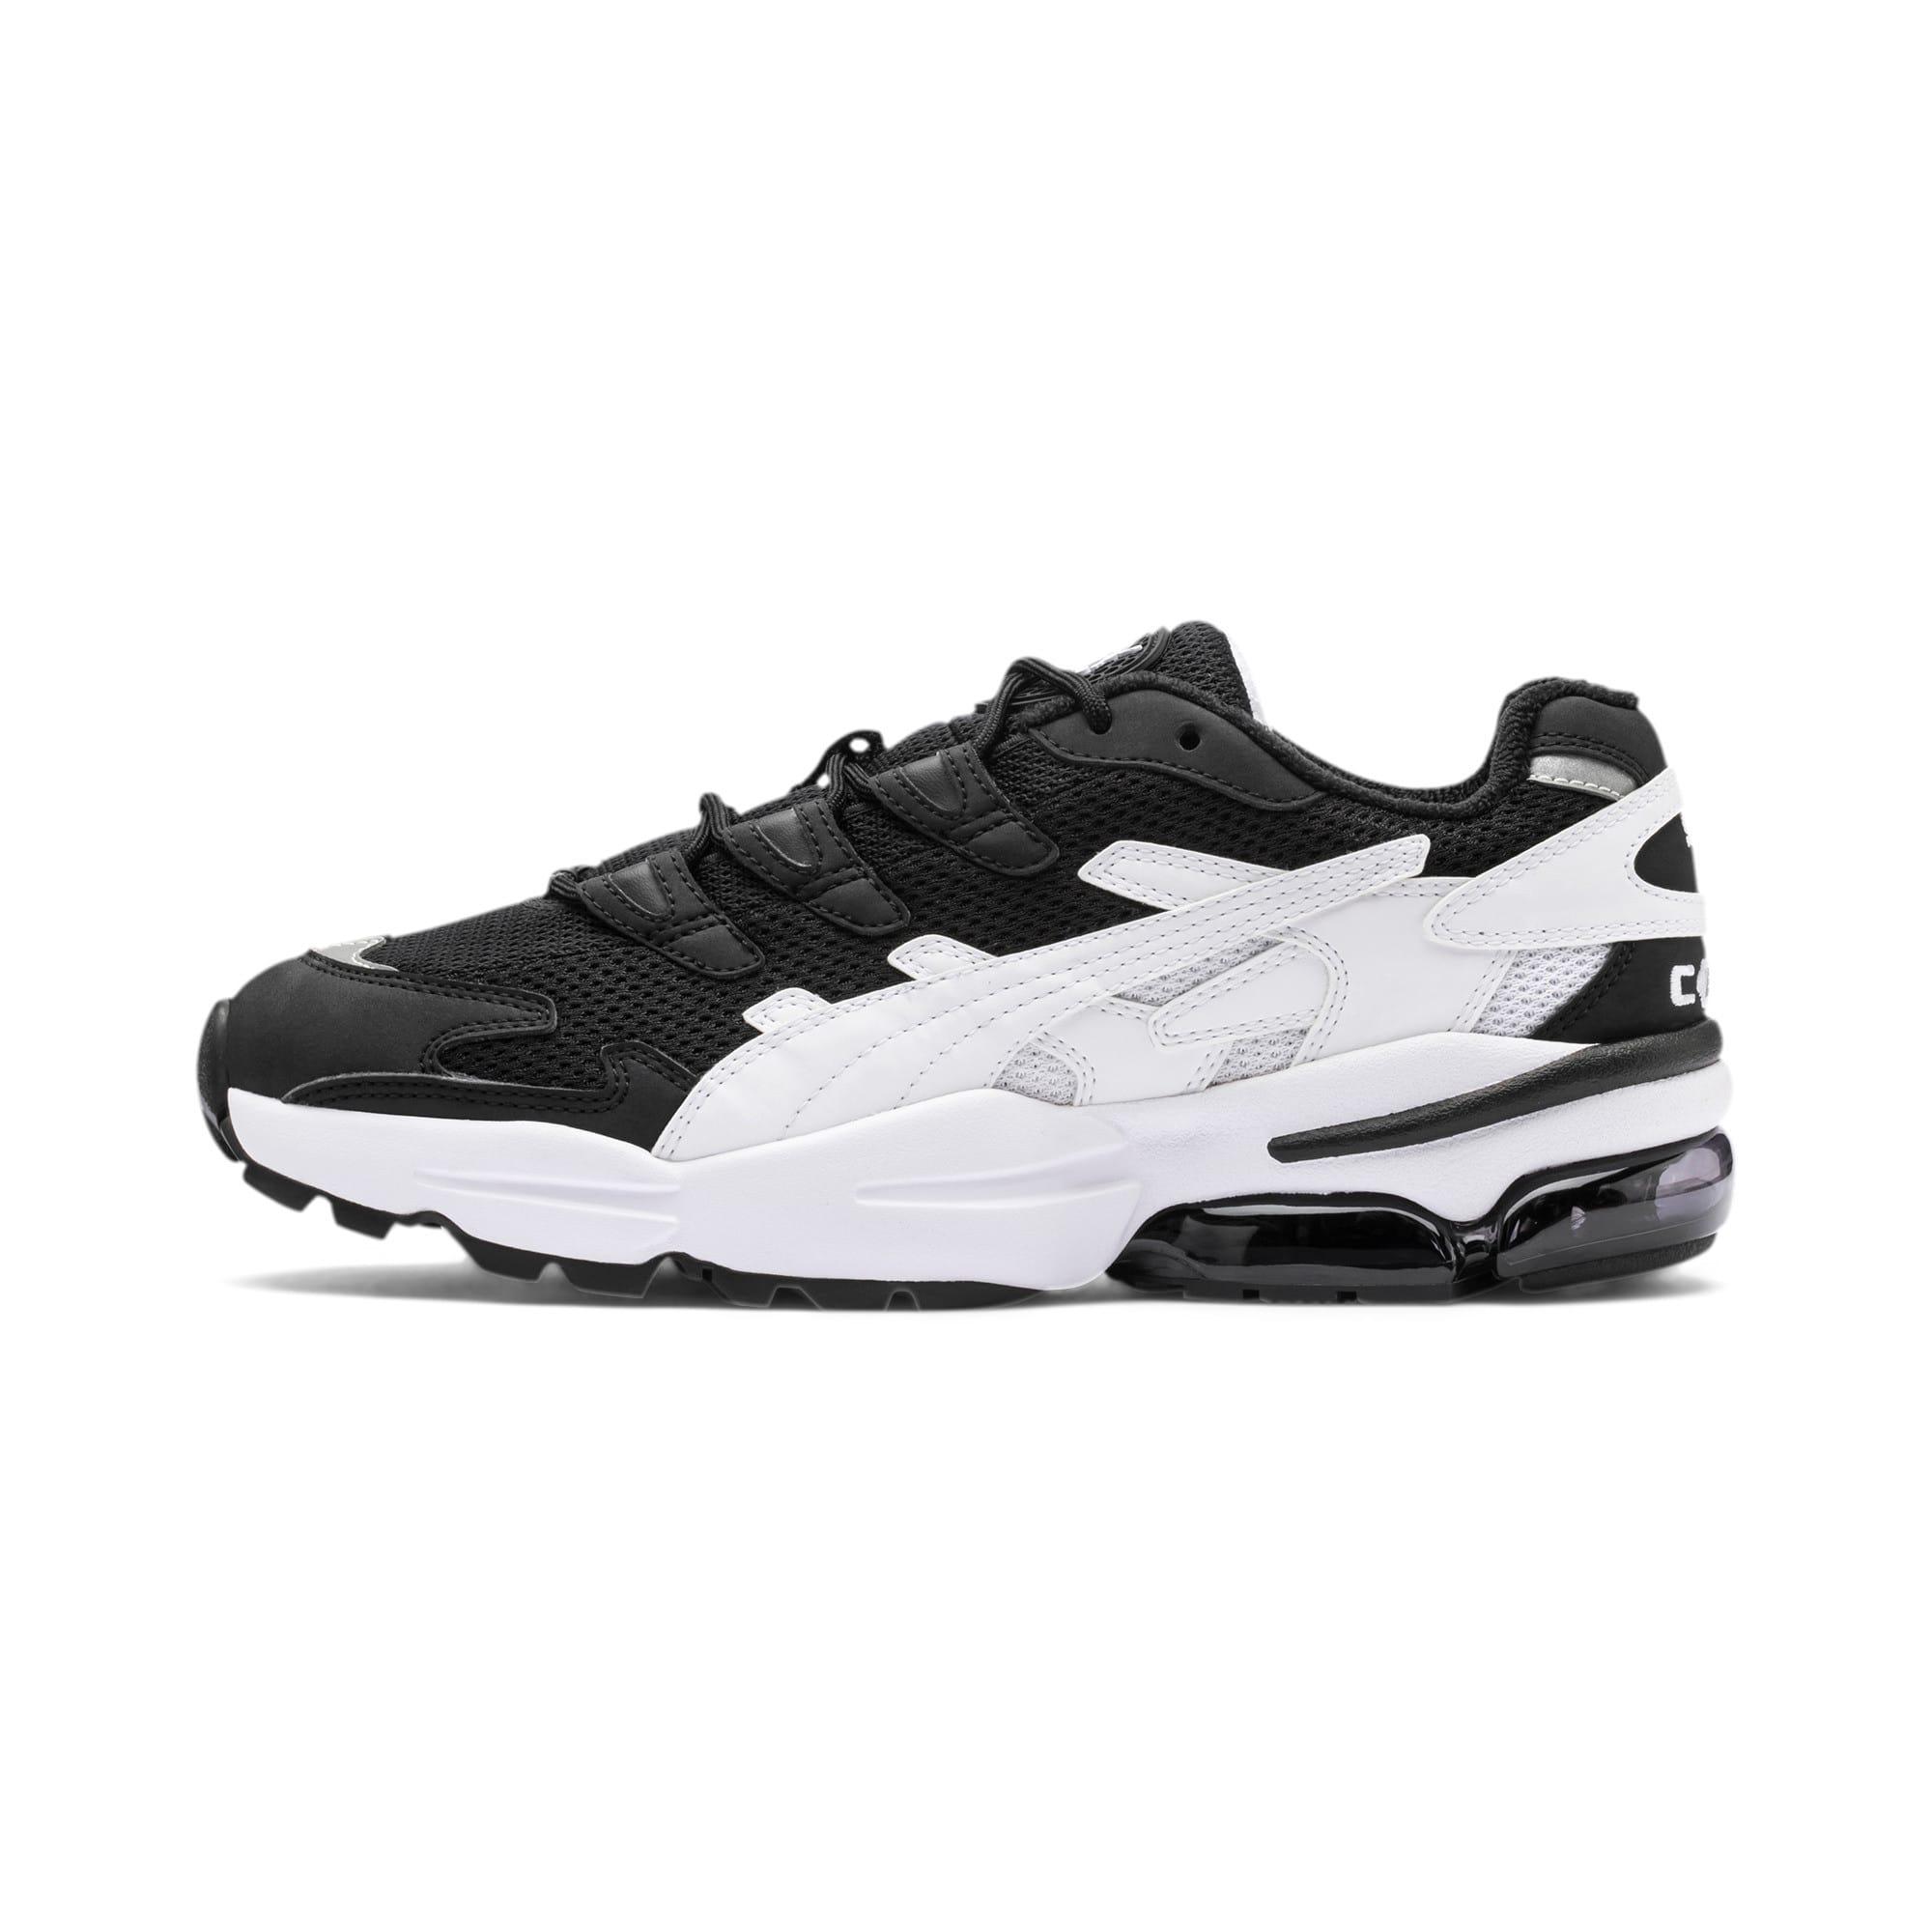 Thumbnail 1 of CELL Alien OG Sneakers, Puma Black-Puma White, medium